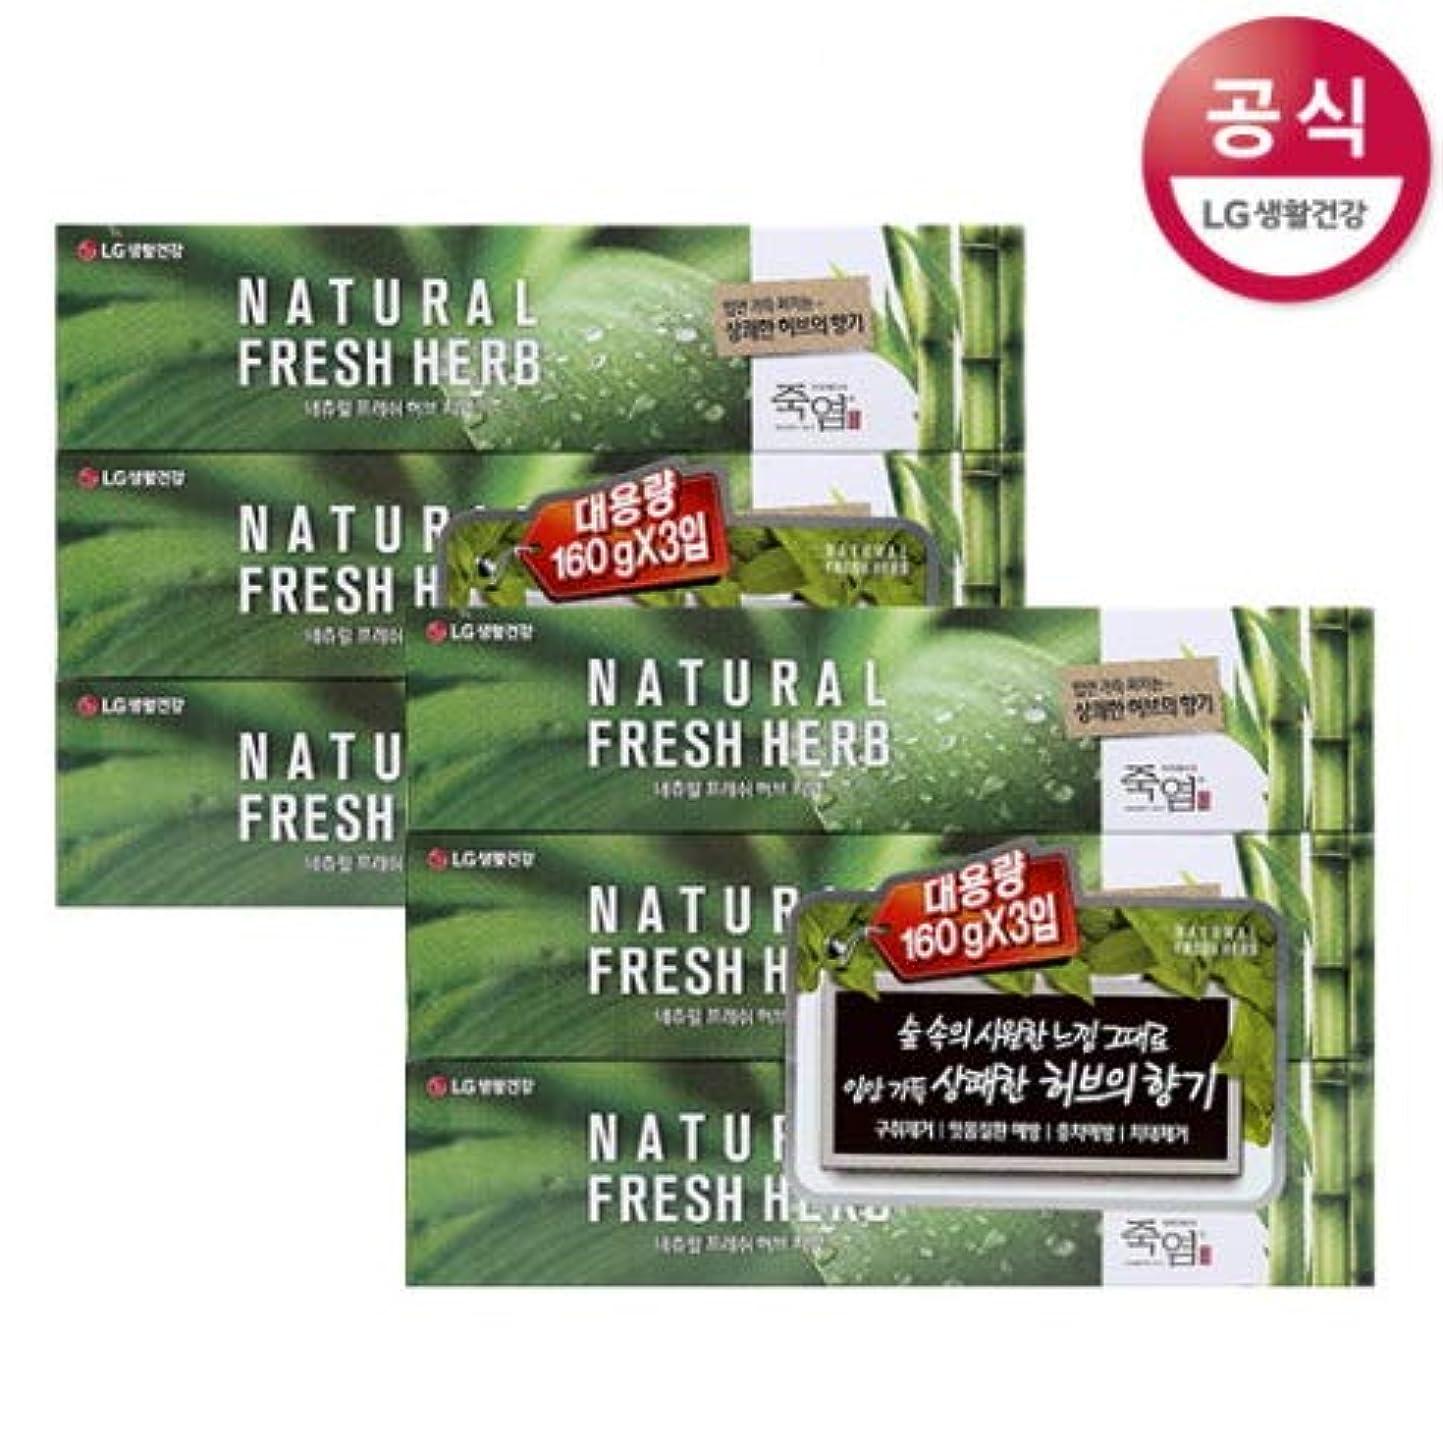 高さ生じる導出[LG HnB] Bamboo Salt Natural Fresh Herbal Toothpaste/竹塩ナチュラルフレッシュハーブ歯磨き粉 160gx6個(海外直送品)